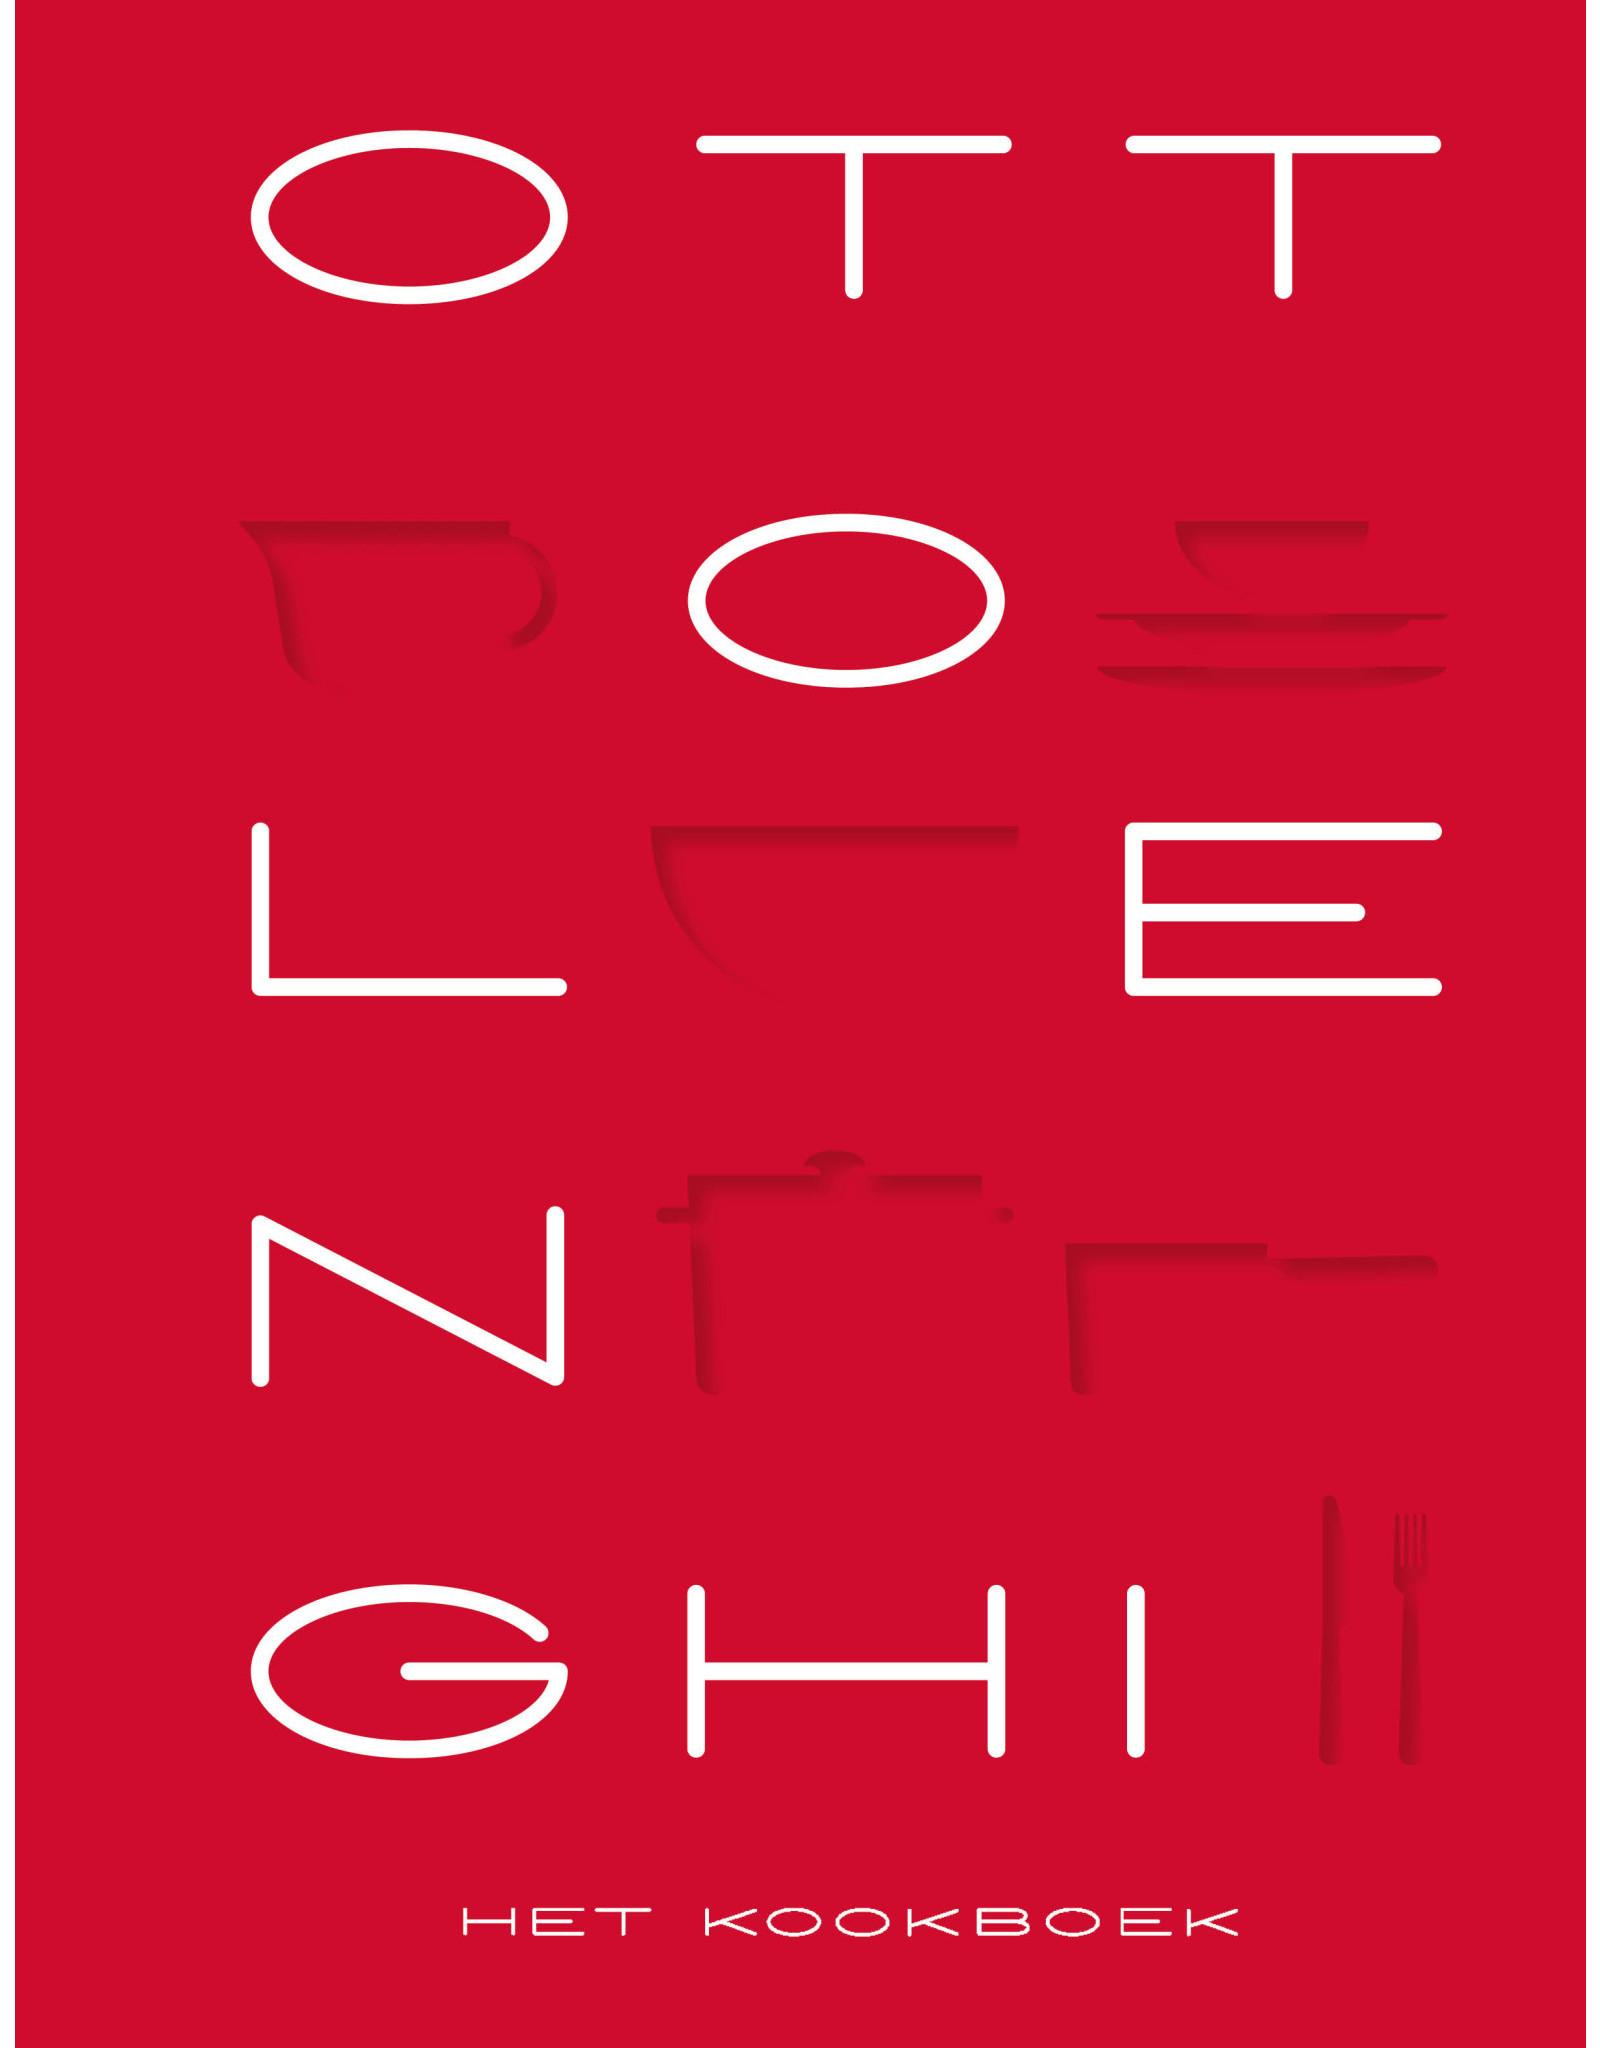 Ottolenghi - Het kookboek